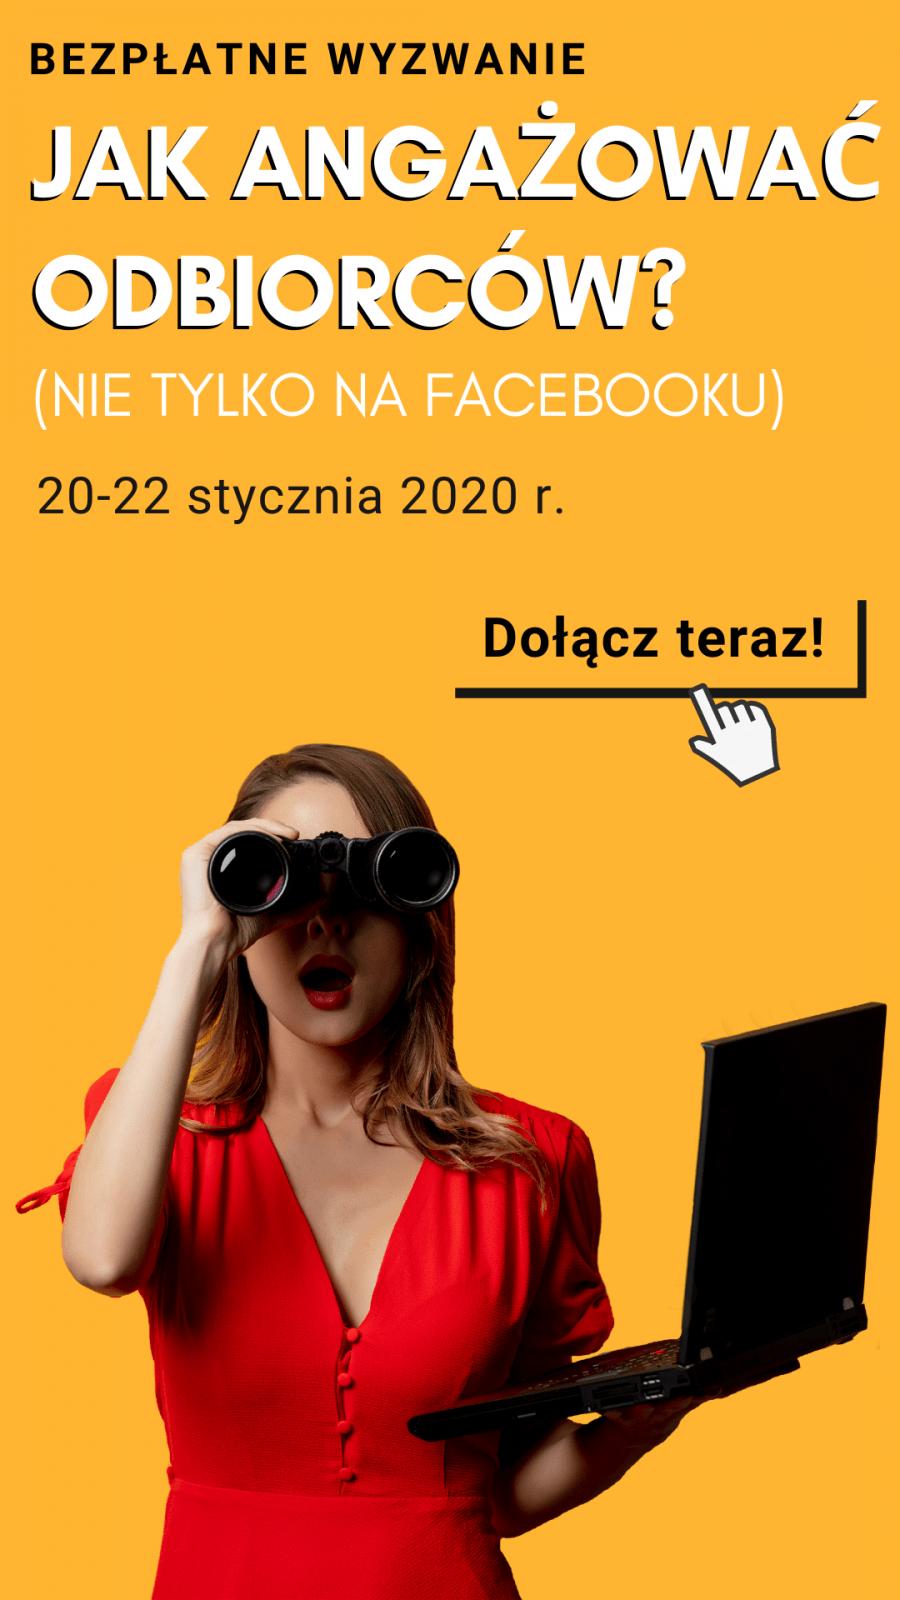 Justyna Kopeć marka osobista angażowanie odbiorców